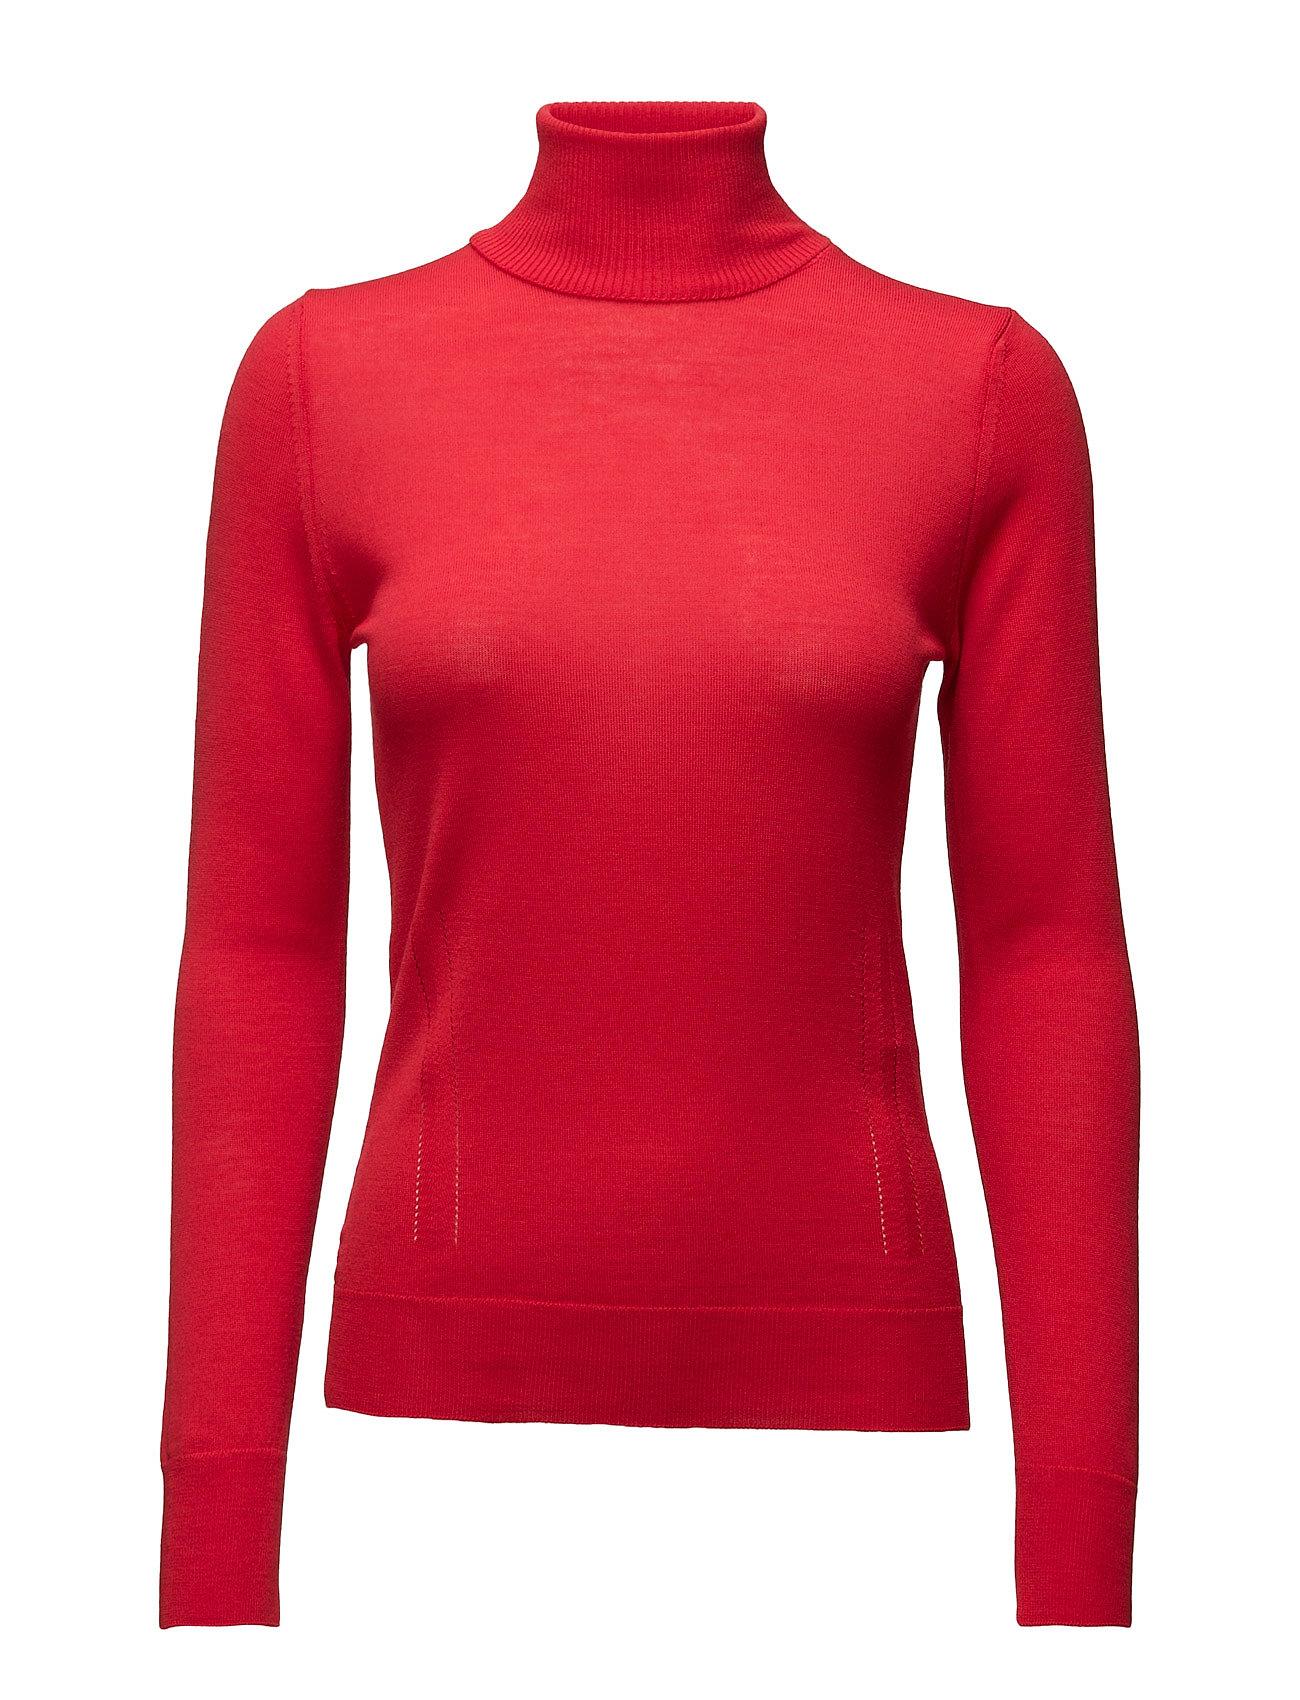 Turtle Neck Sweater United Colors of Benetton Højhalsede til Kvinder i